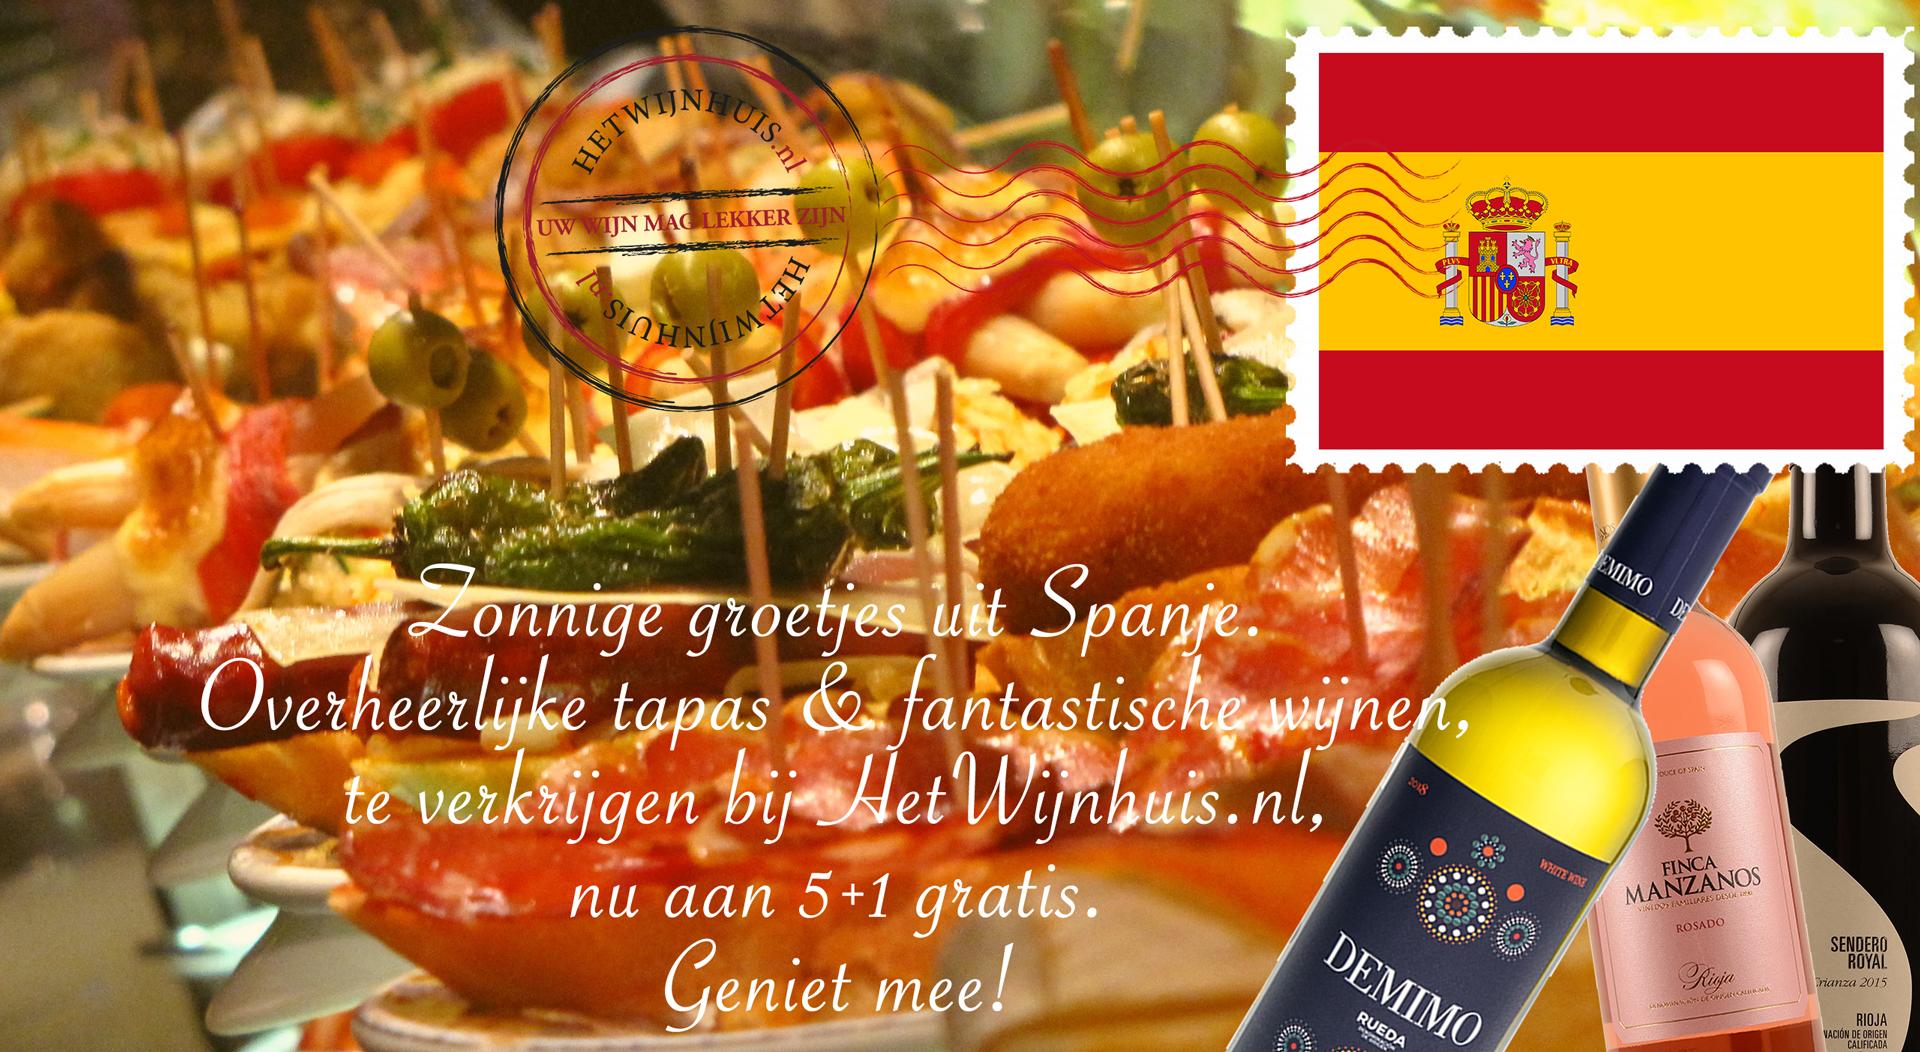 Spanje Wijn Promo 5+1